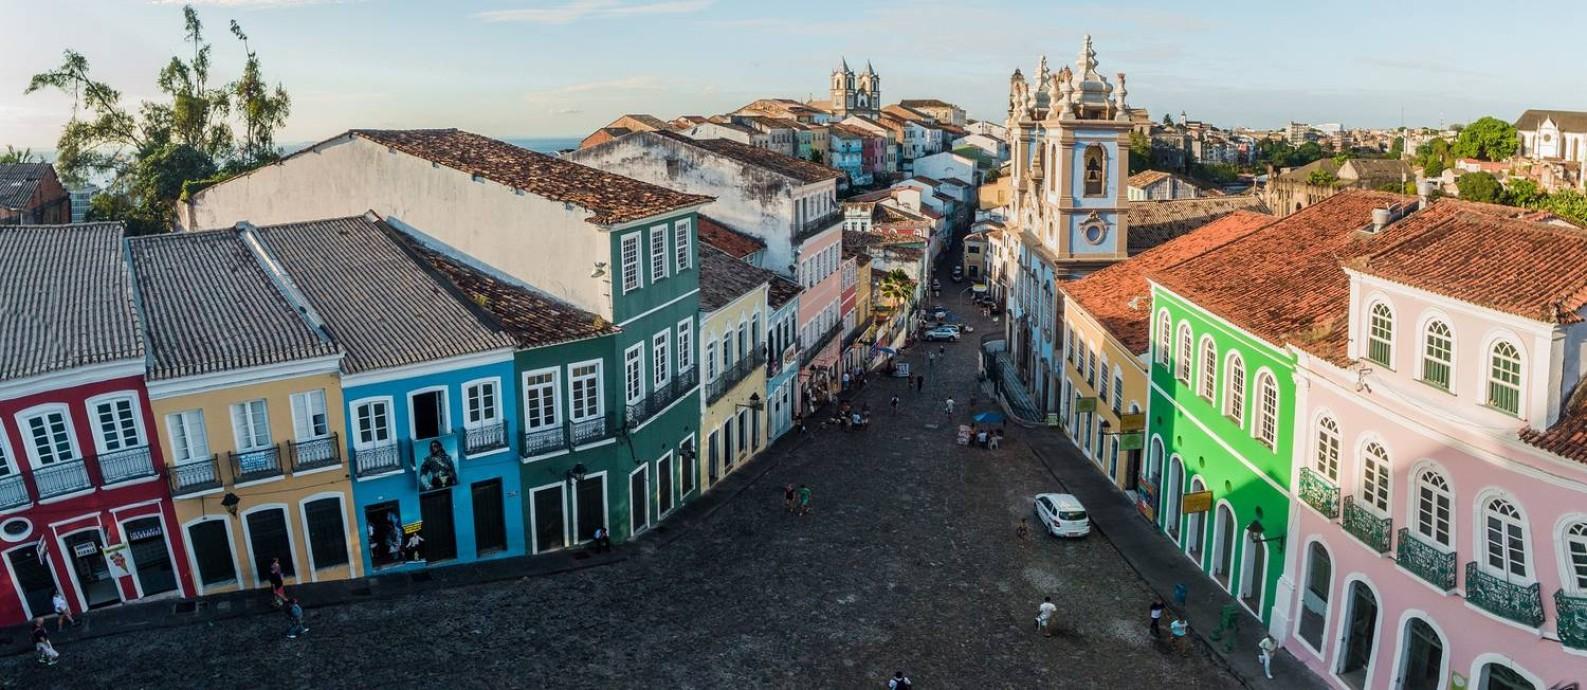 Com atrativos como o Pelourinho, Salvador foi a cidade mais vendida pelas operadoras afiliadas à Braztoa em 2020 Foto: Márcio Filho / Ministério do Turismo / Divulgação